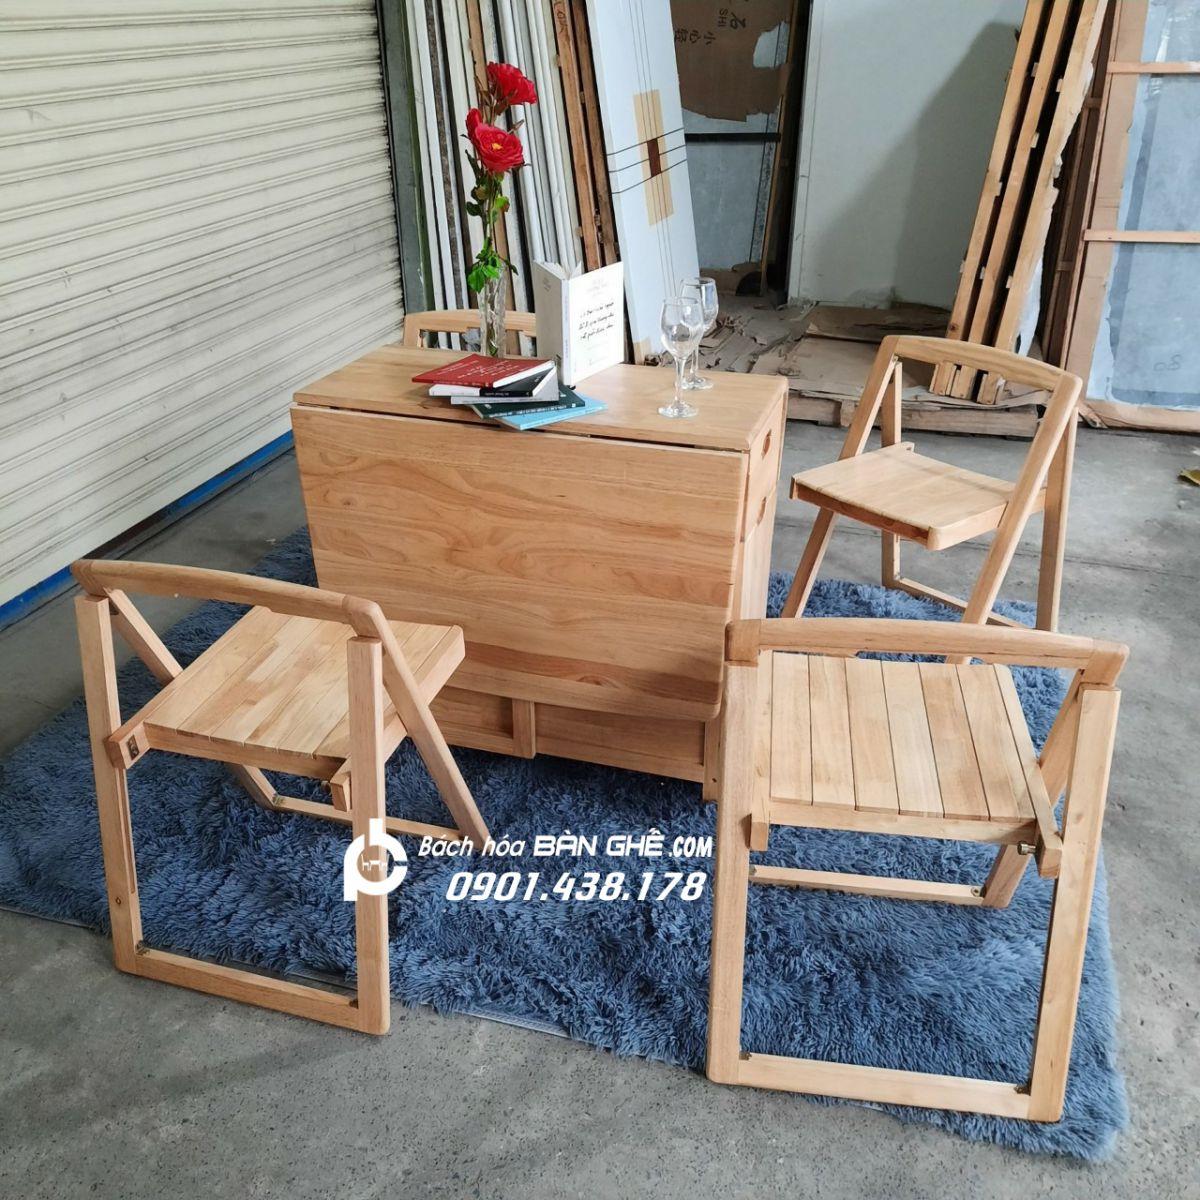 Bộ bàn ăn xếp gọn cho căn hộ MAV01